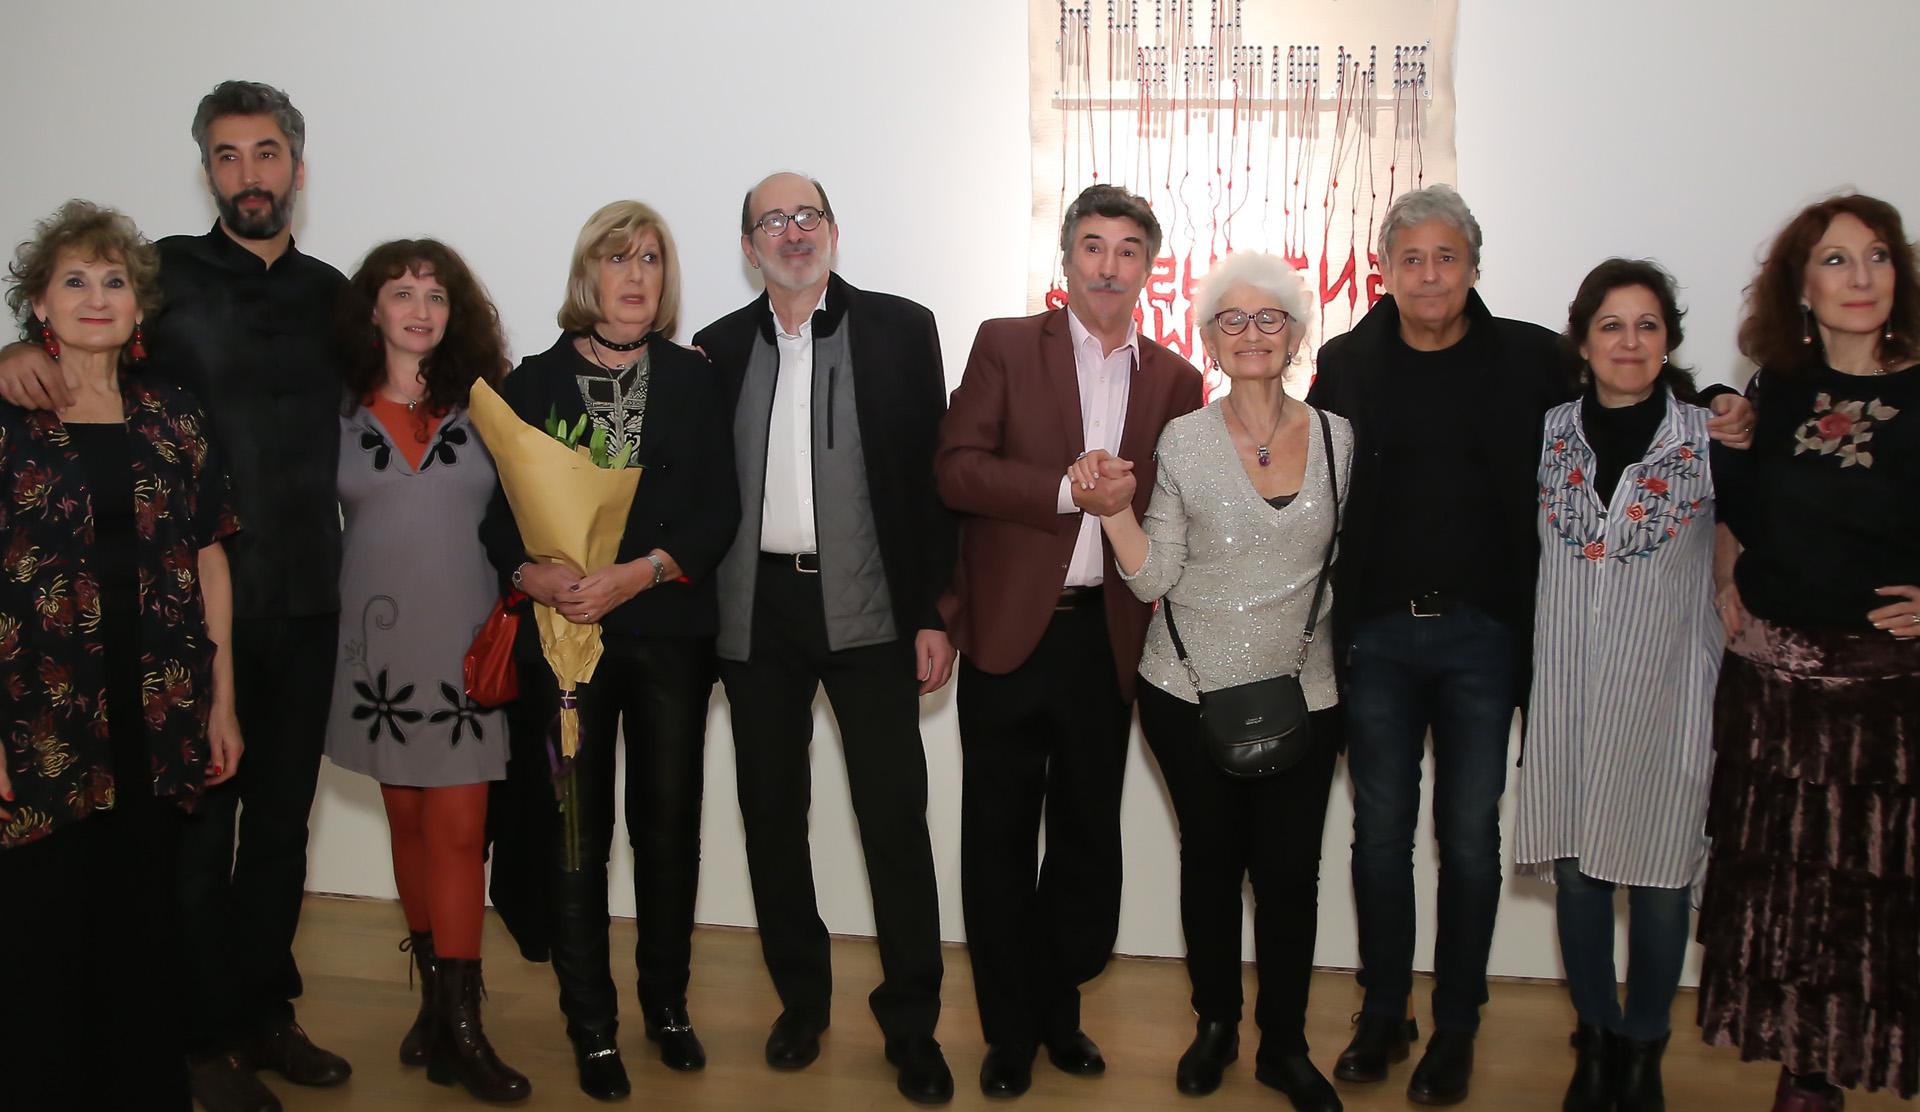 Algunos de los prestigiosos artistas argentinos participantes, entre ellos; pintores, escultores, fotógrafos, bordadores y creadores de objetos. Las obras sorprenden porque nos permiten ver lo que antes no existía